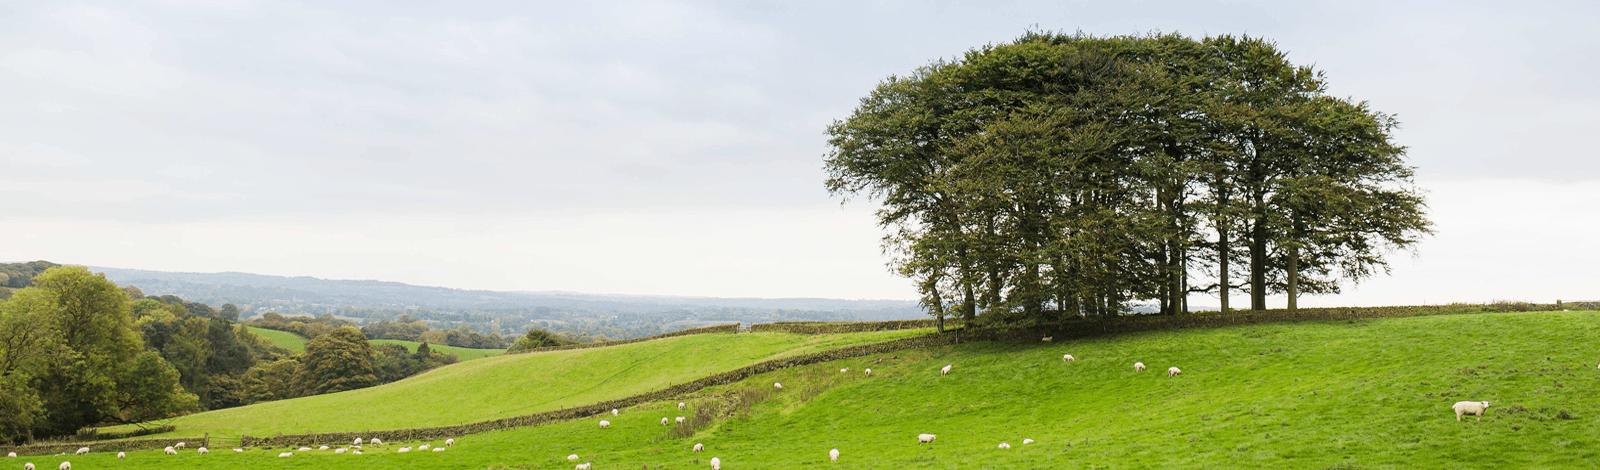 fairboroughs-trees